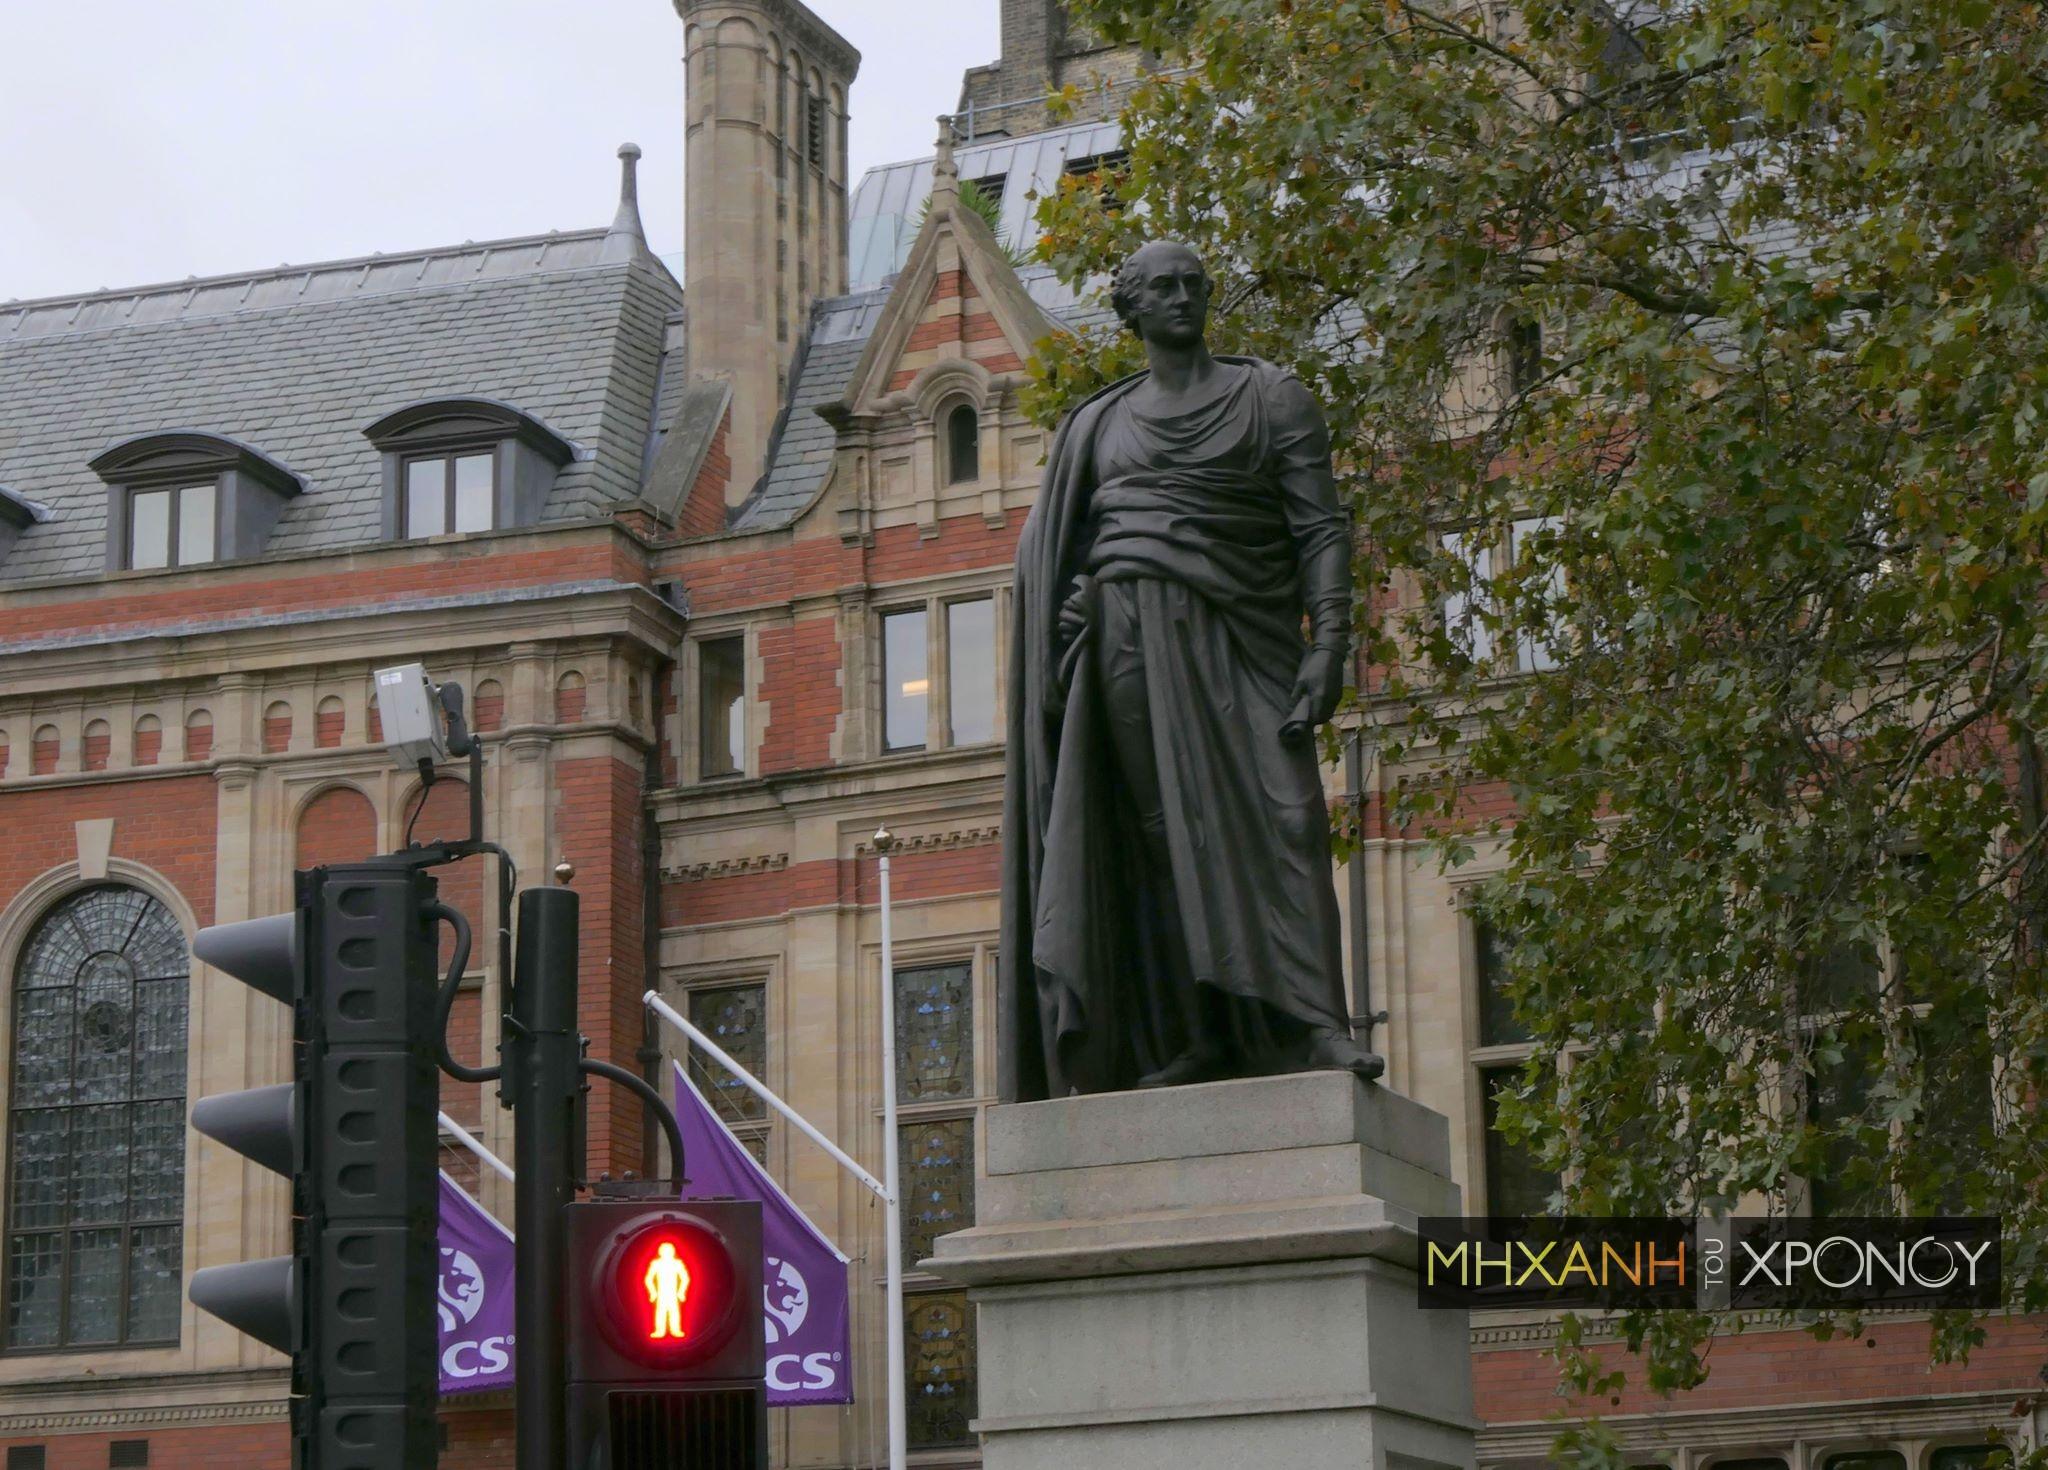 Ποιος ήταν ο φιλέλληνας Τζωρτζ Κάνιγκ που έδωσε το όνομά του στην πλατεία Κάνιγγος; Ξεγέλασε τον Μέτερνιχ και βοήθησε στην ανεξαρτησία της Ελλάδας, την περίοδο που η επανάσταση έσβηνε